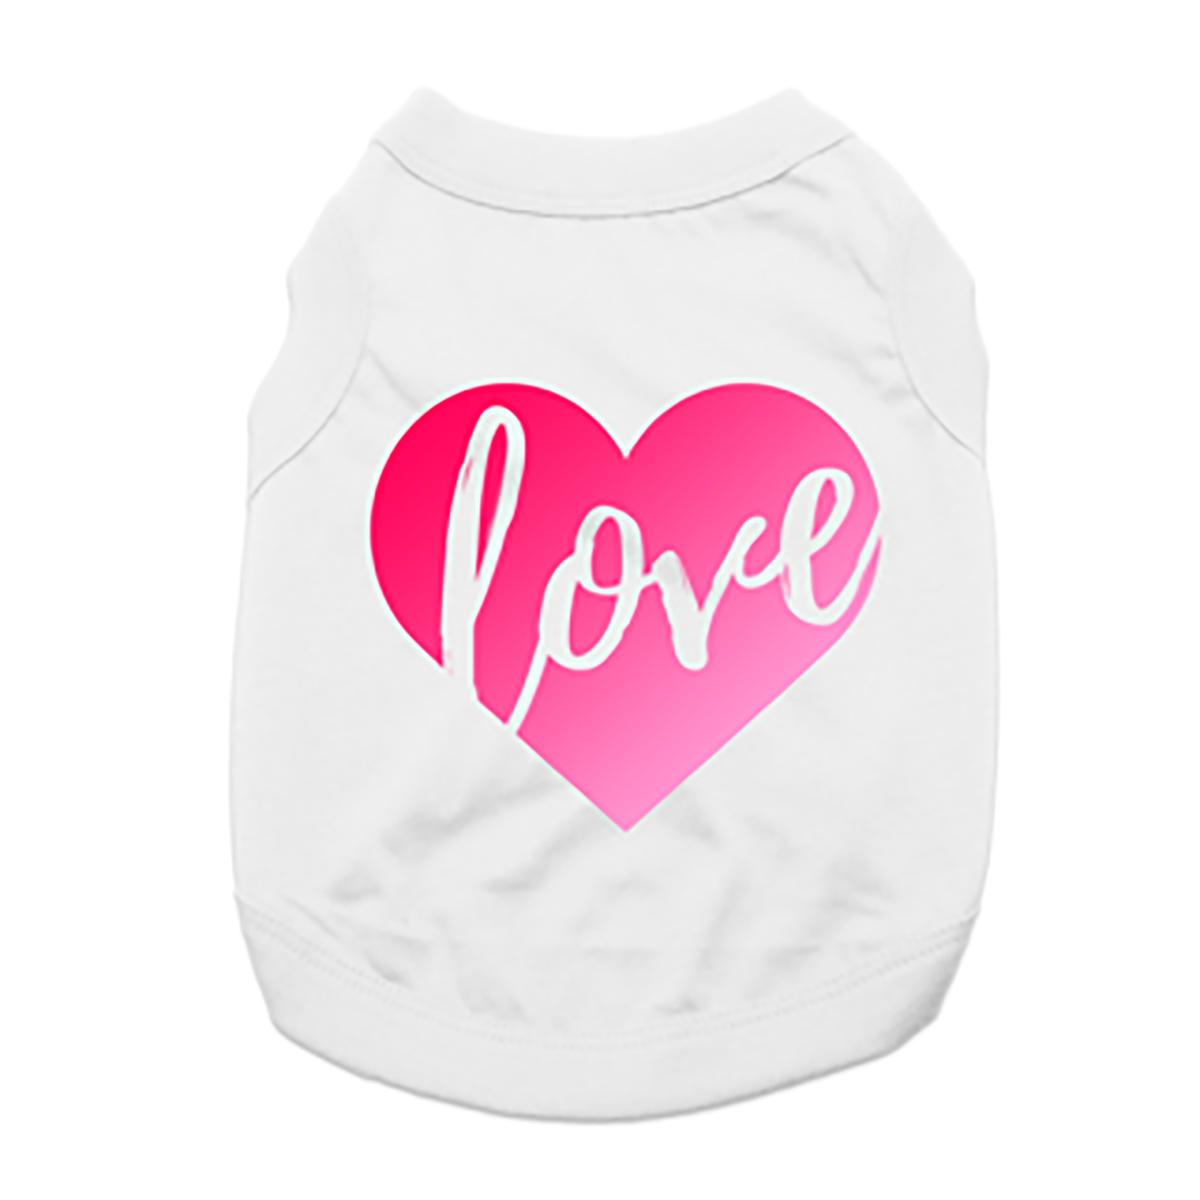 Love Heart Dog Shirt - White